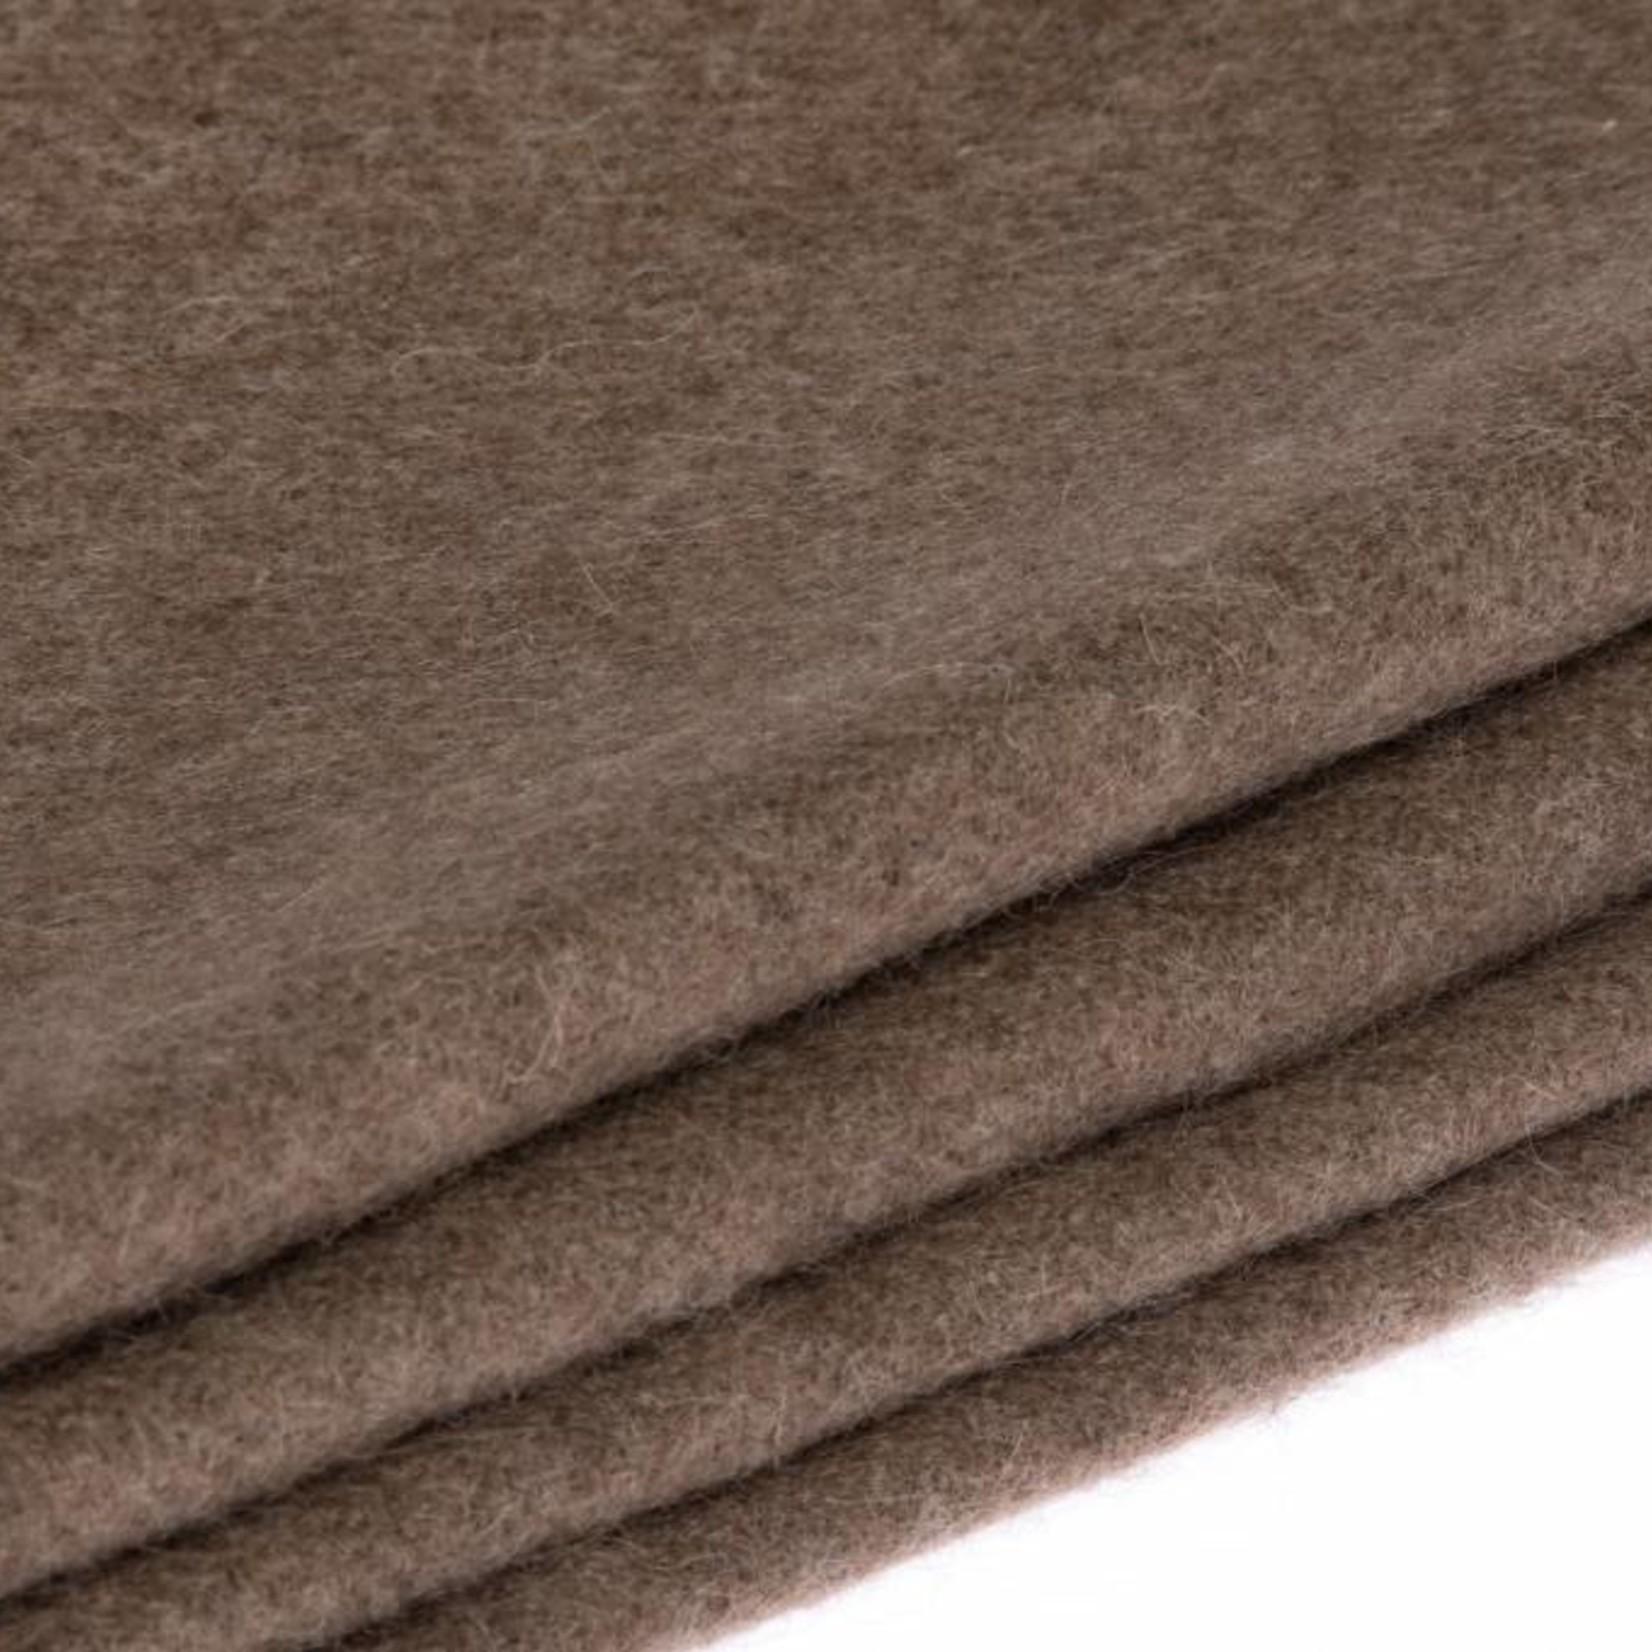 Mongoltextile - Decke aus Yakwolle - schokobraun